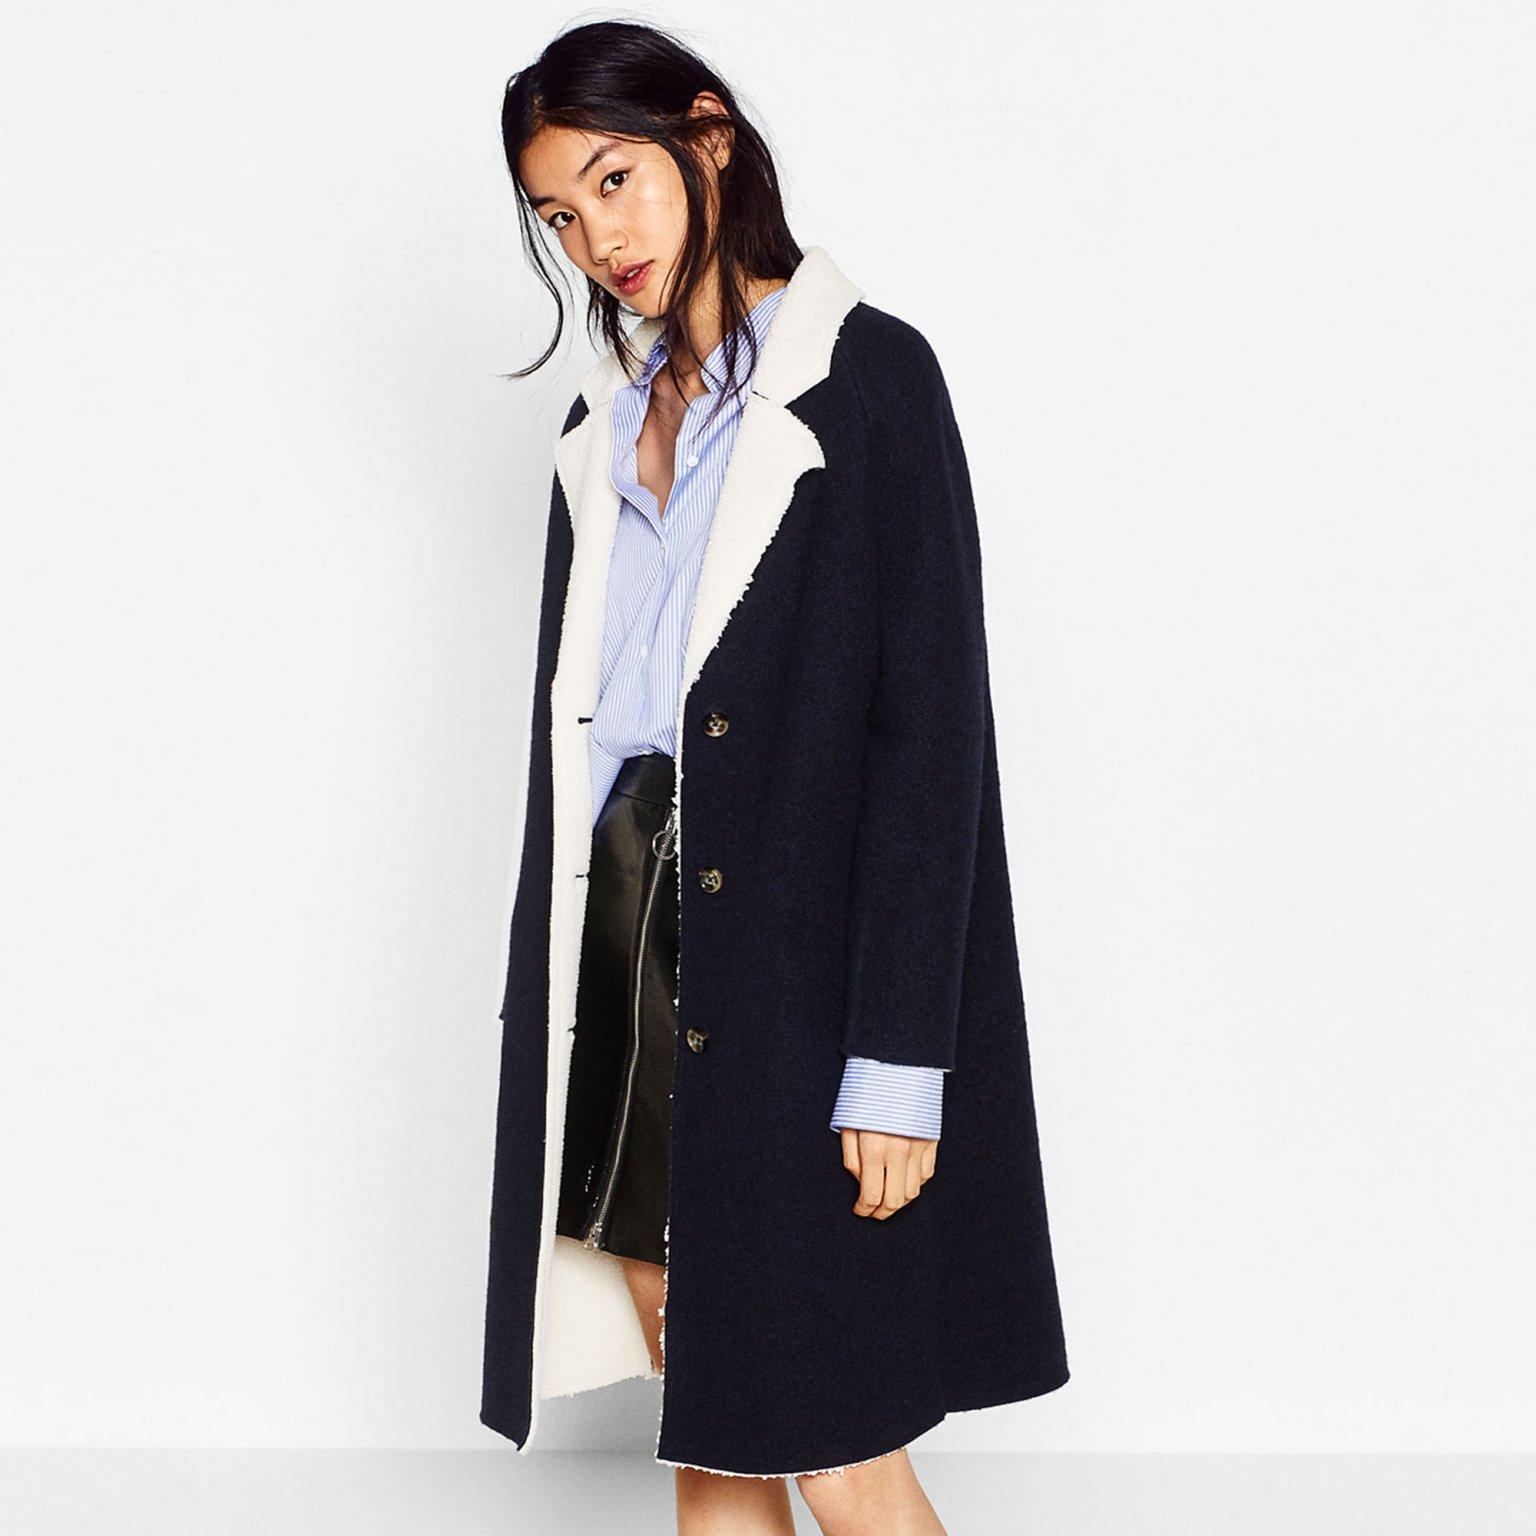 迎合冬季选衣新标准 法媒推荐20款低价保暖时尚大衣